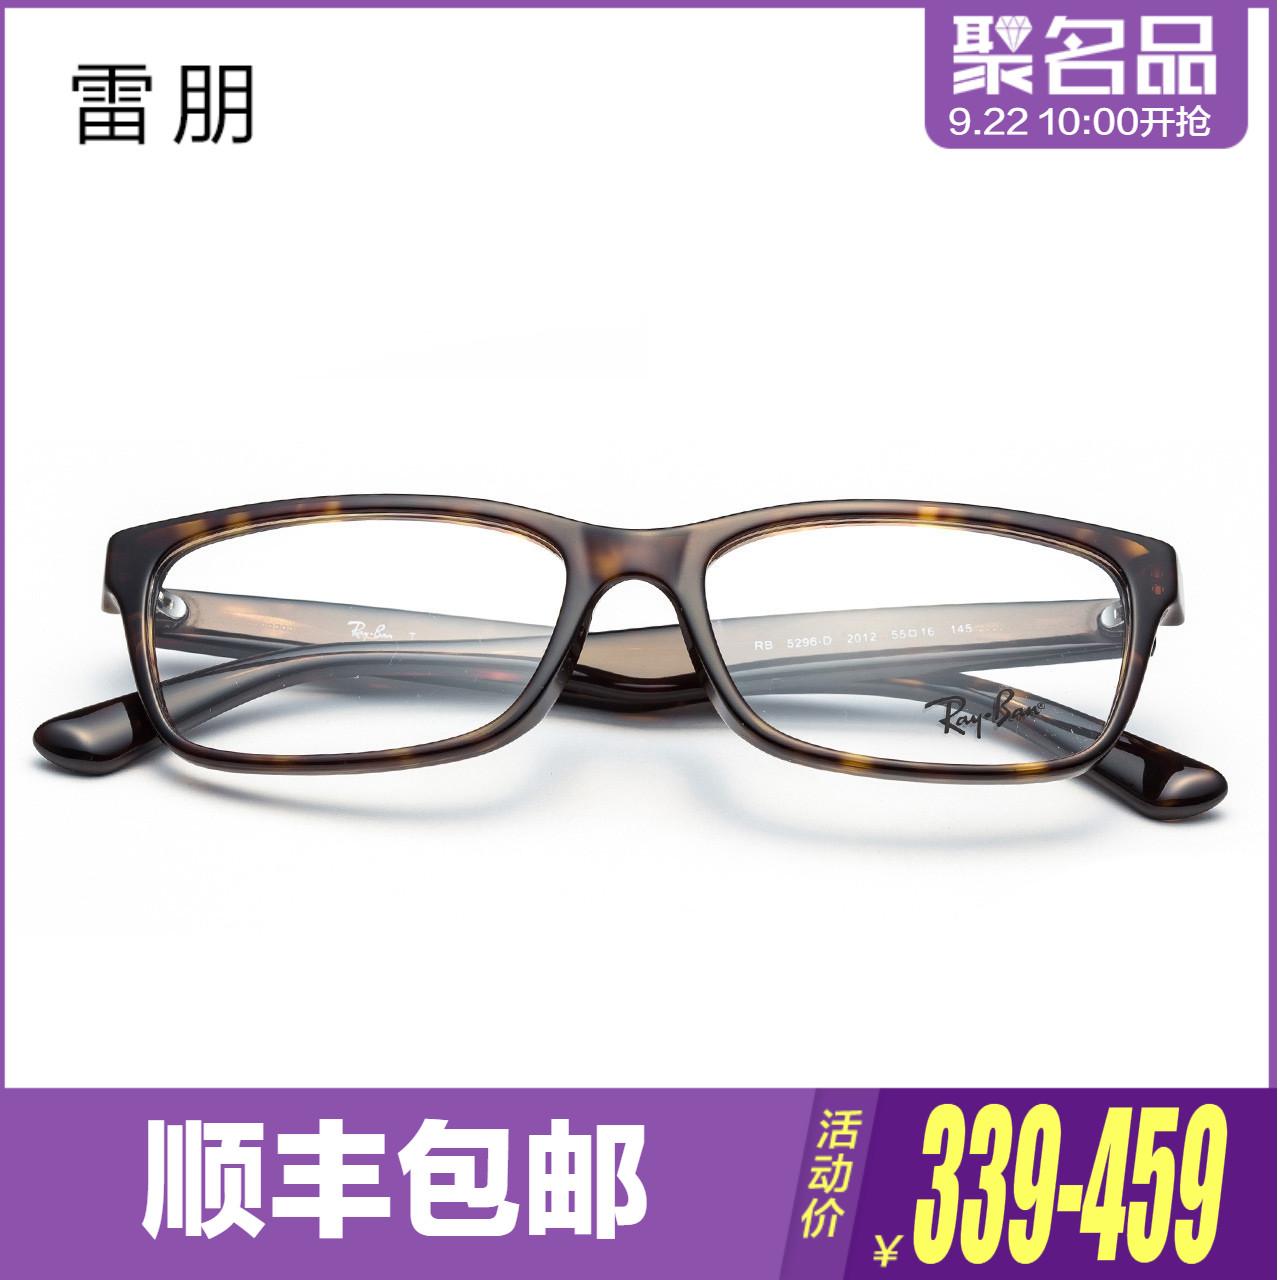 雷朋Rayban眼镜架 男女复古板材眼镜框潮韩平光近视眼镜框 7102D